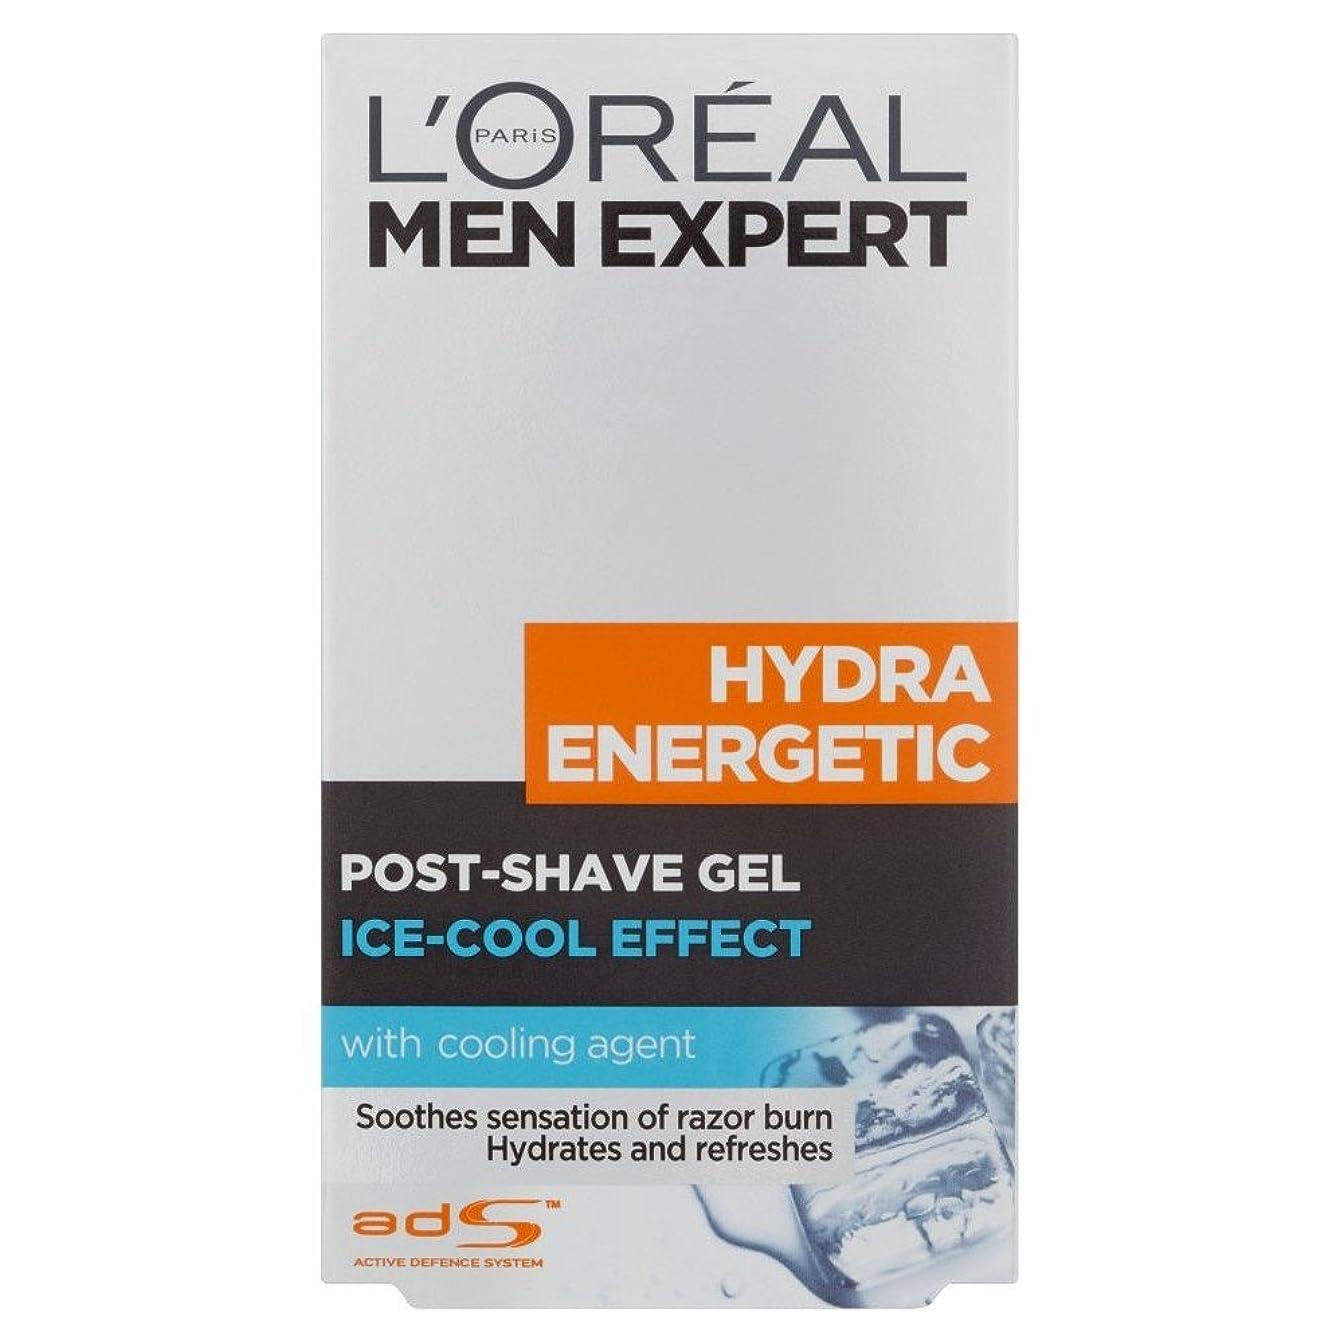 放棄された読書をするかまどL'Oreal Paris Men Expert Hydra Energetic Post Shave Balm (100ml) L'オラ?アルパリのメンズ専門ヒドラエネルギッシュなポストシェーブバーム( 100ミリリットル) [並行輸入品]